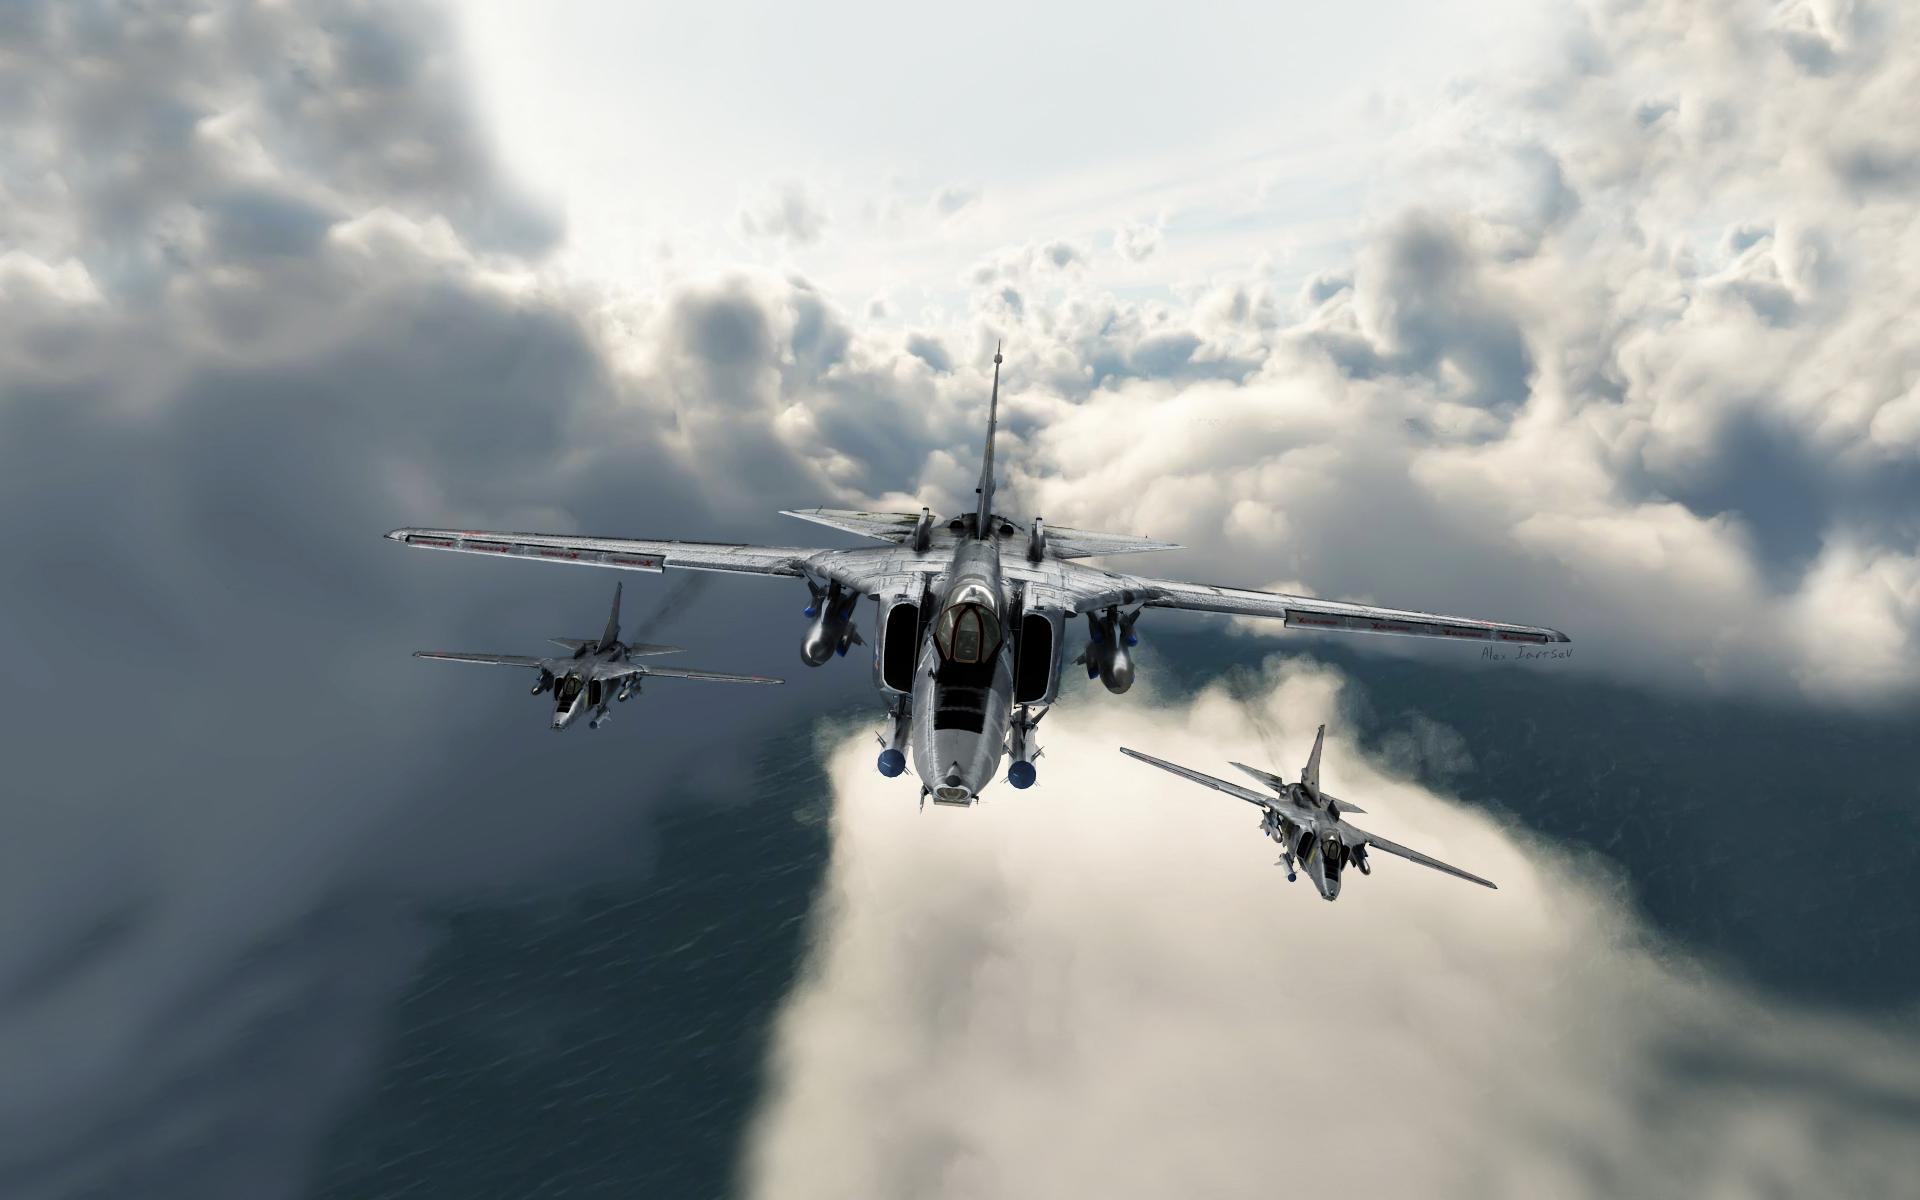 Искры, полет, огонь, вертолет, небо, самолет  № 3749027 без смс